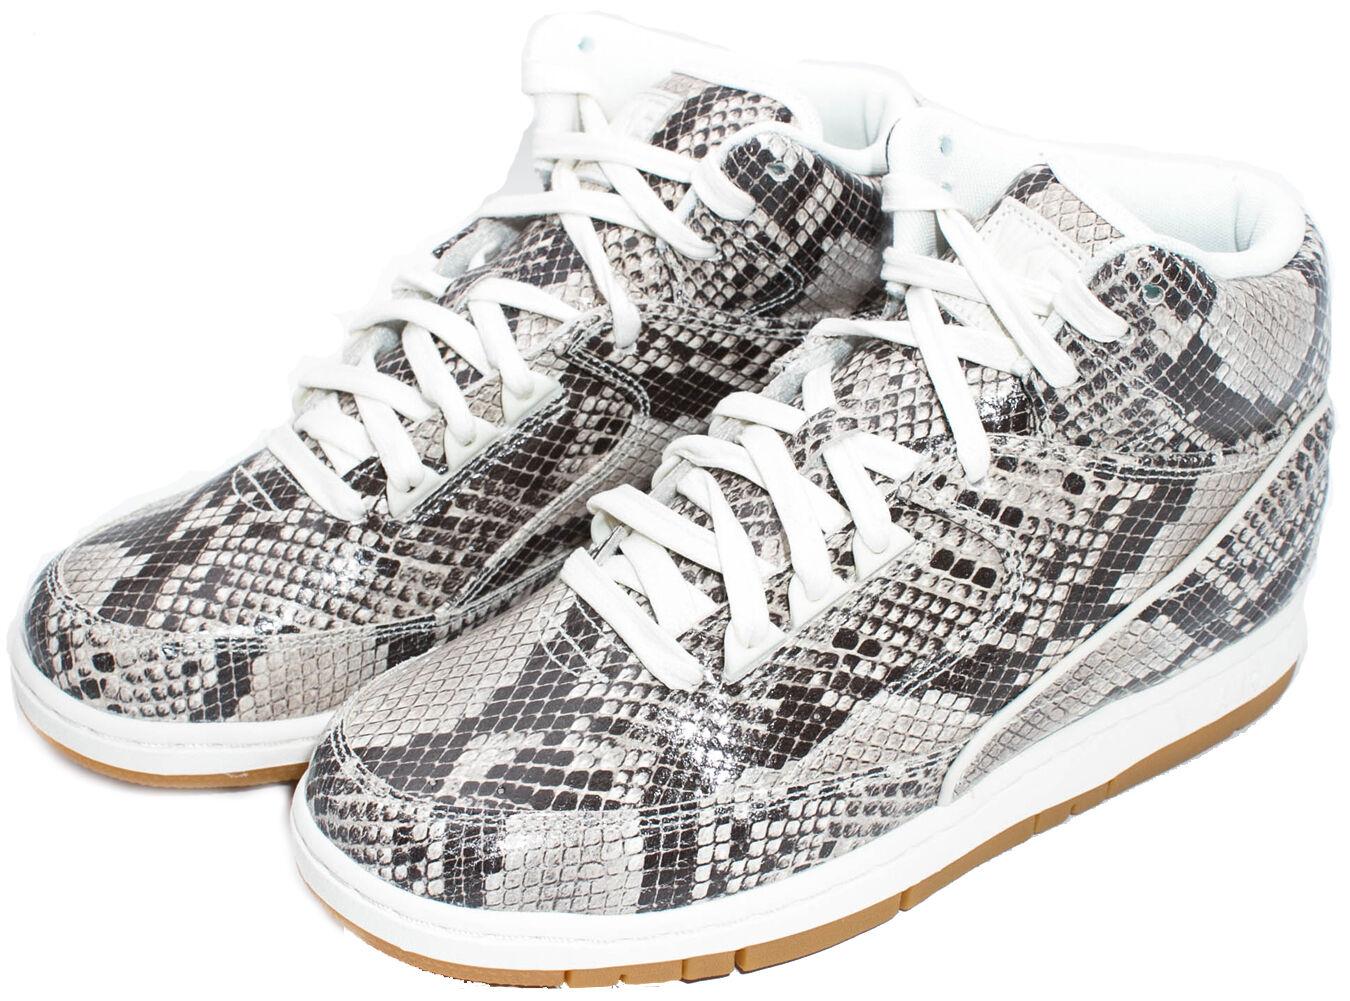 Nike Luft Python Premium Schuhe hell braun / leicht Stein / Segel 705066-201